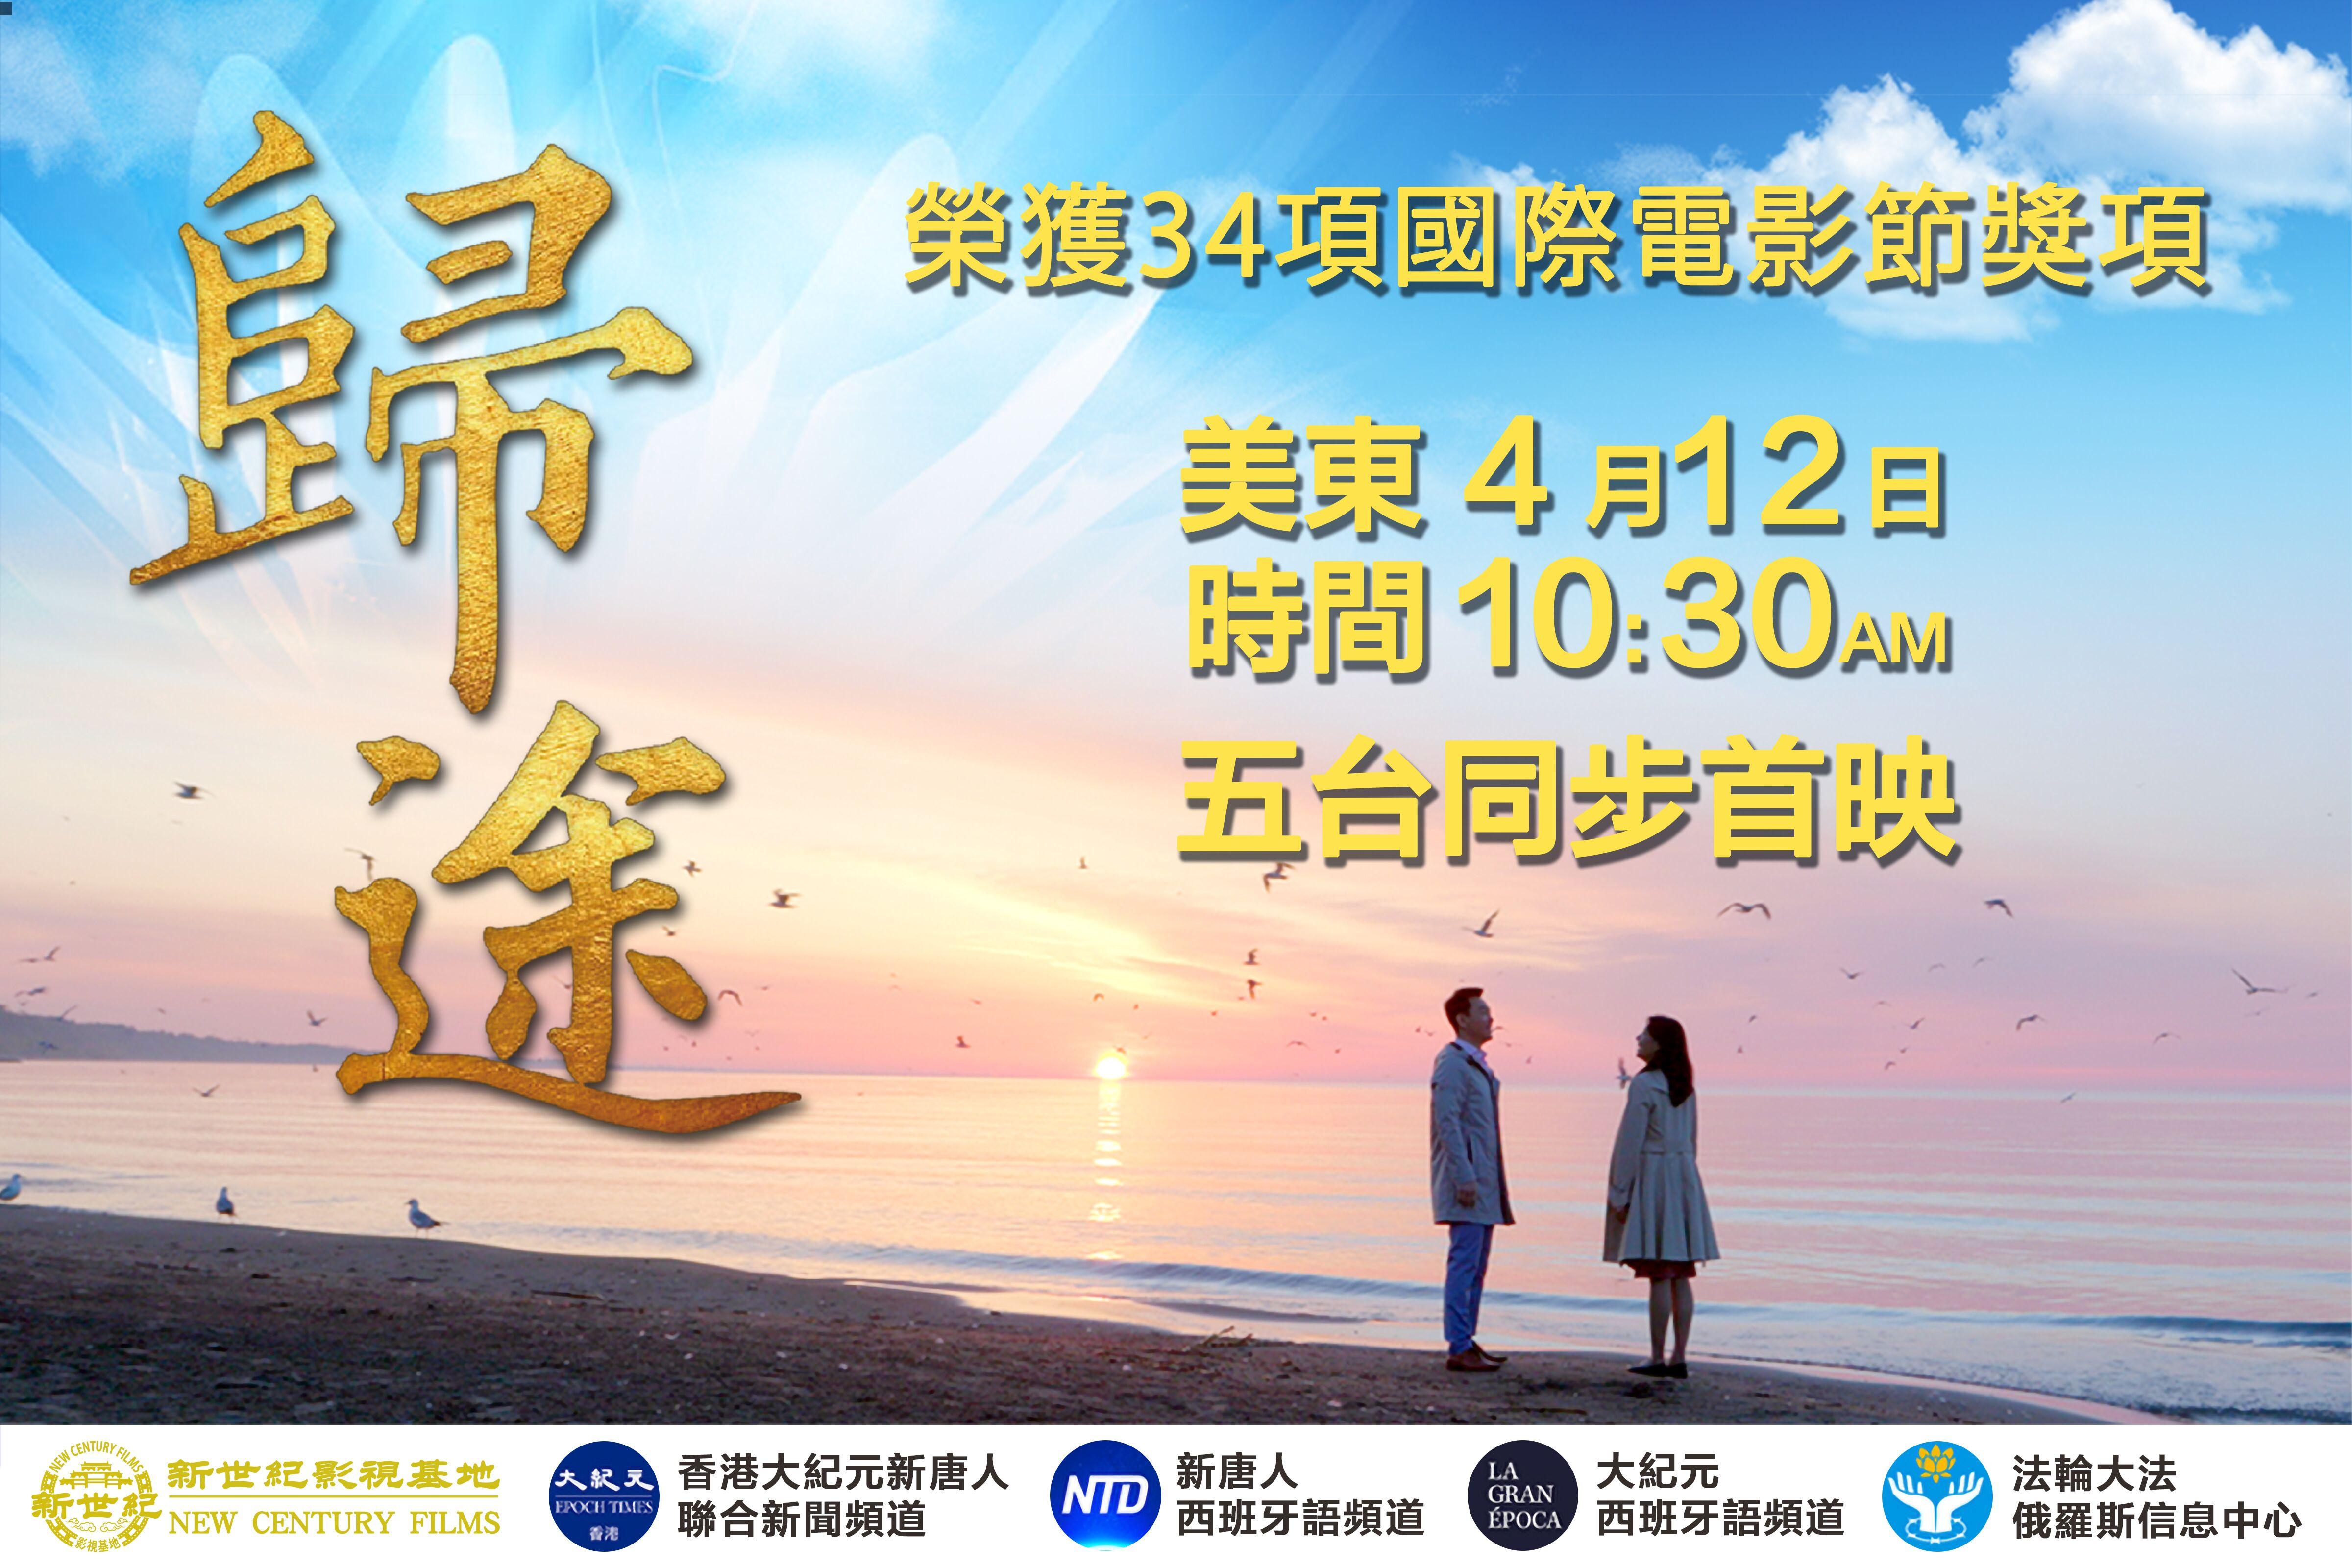 34项国际电影节大奖 《归途》4/12早10点半网络公映